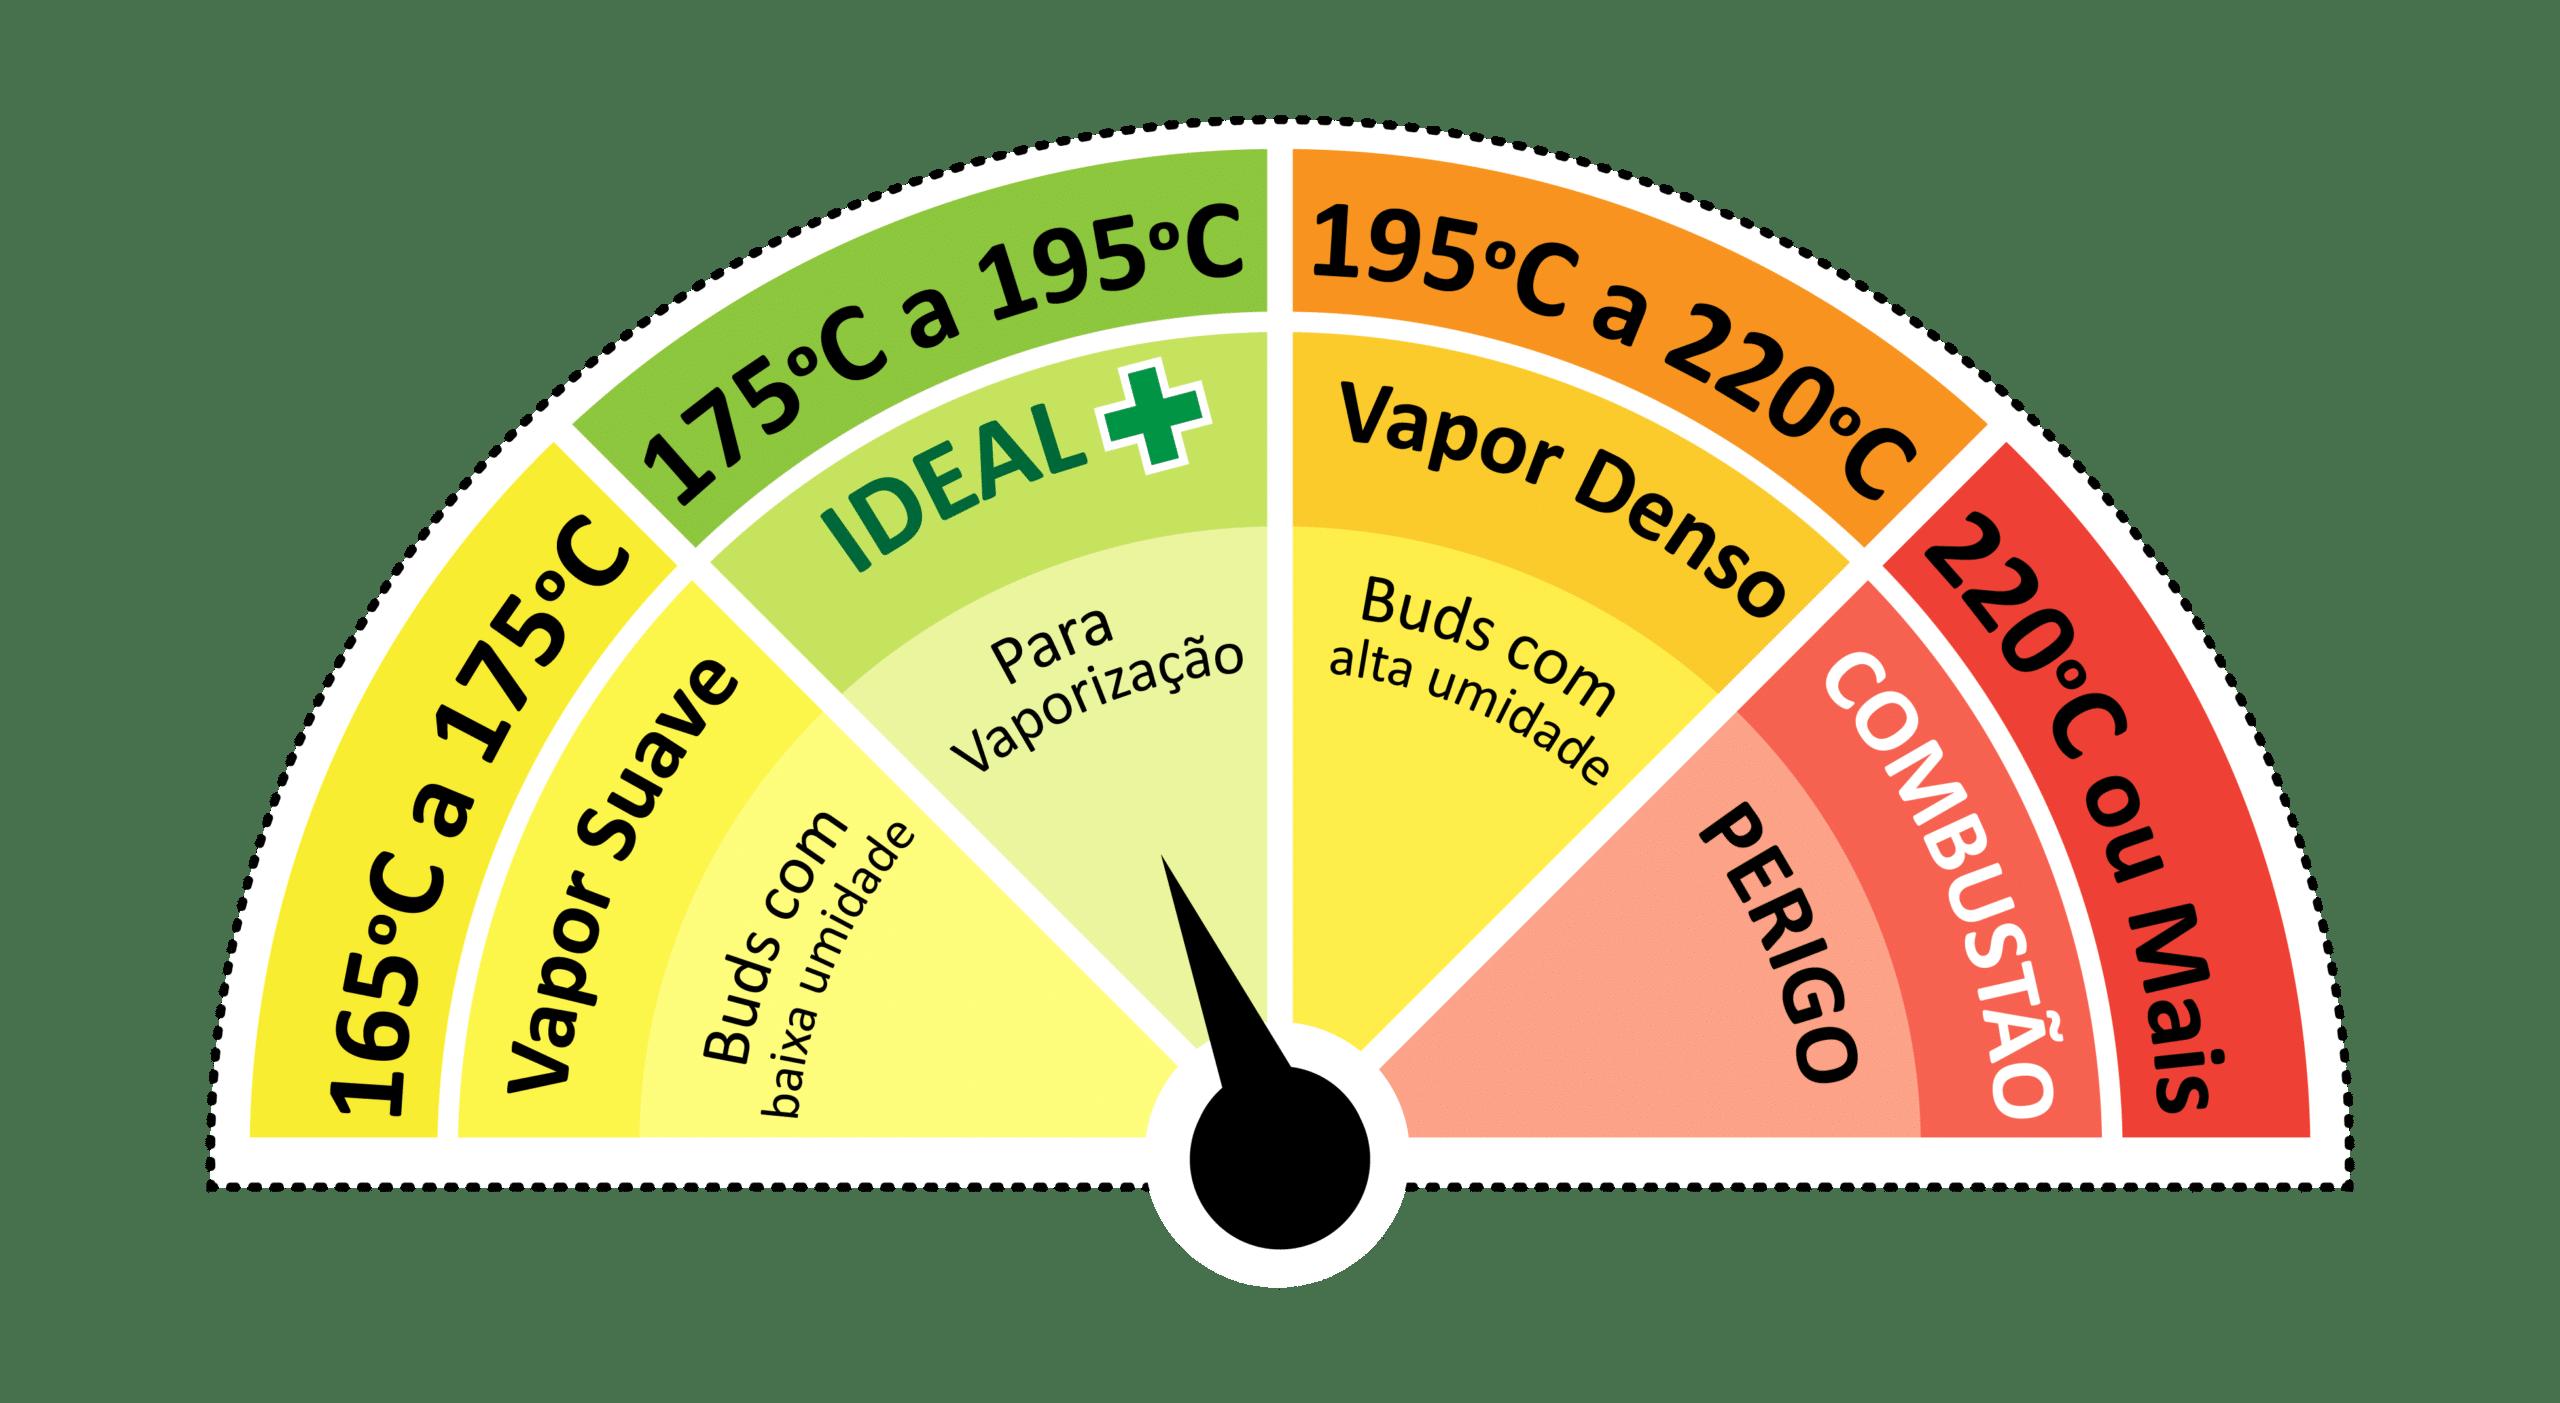 Vaporizador de Ervas - Temperatura ideal para vaporizar